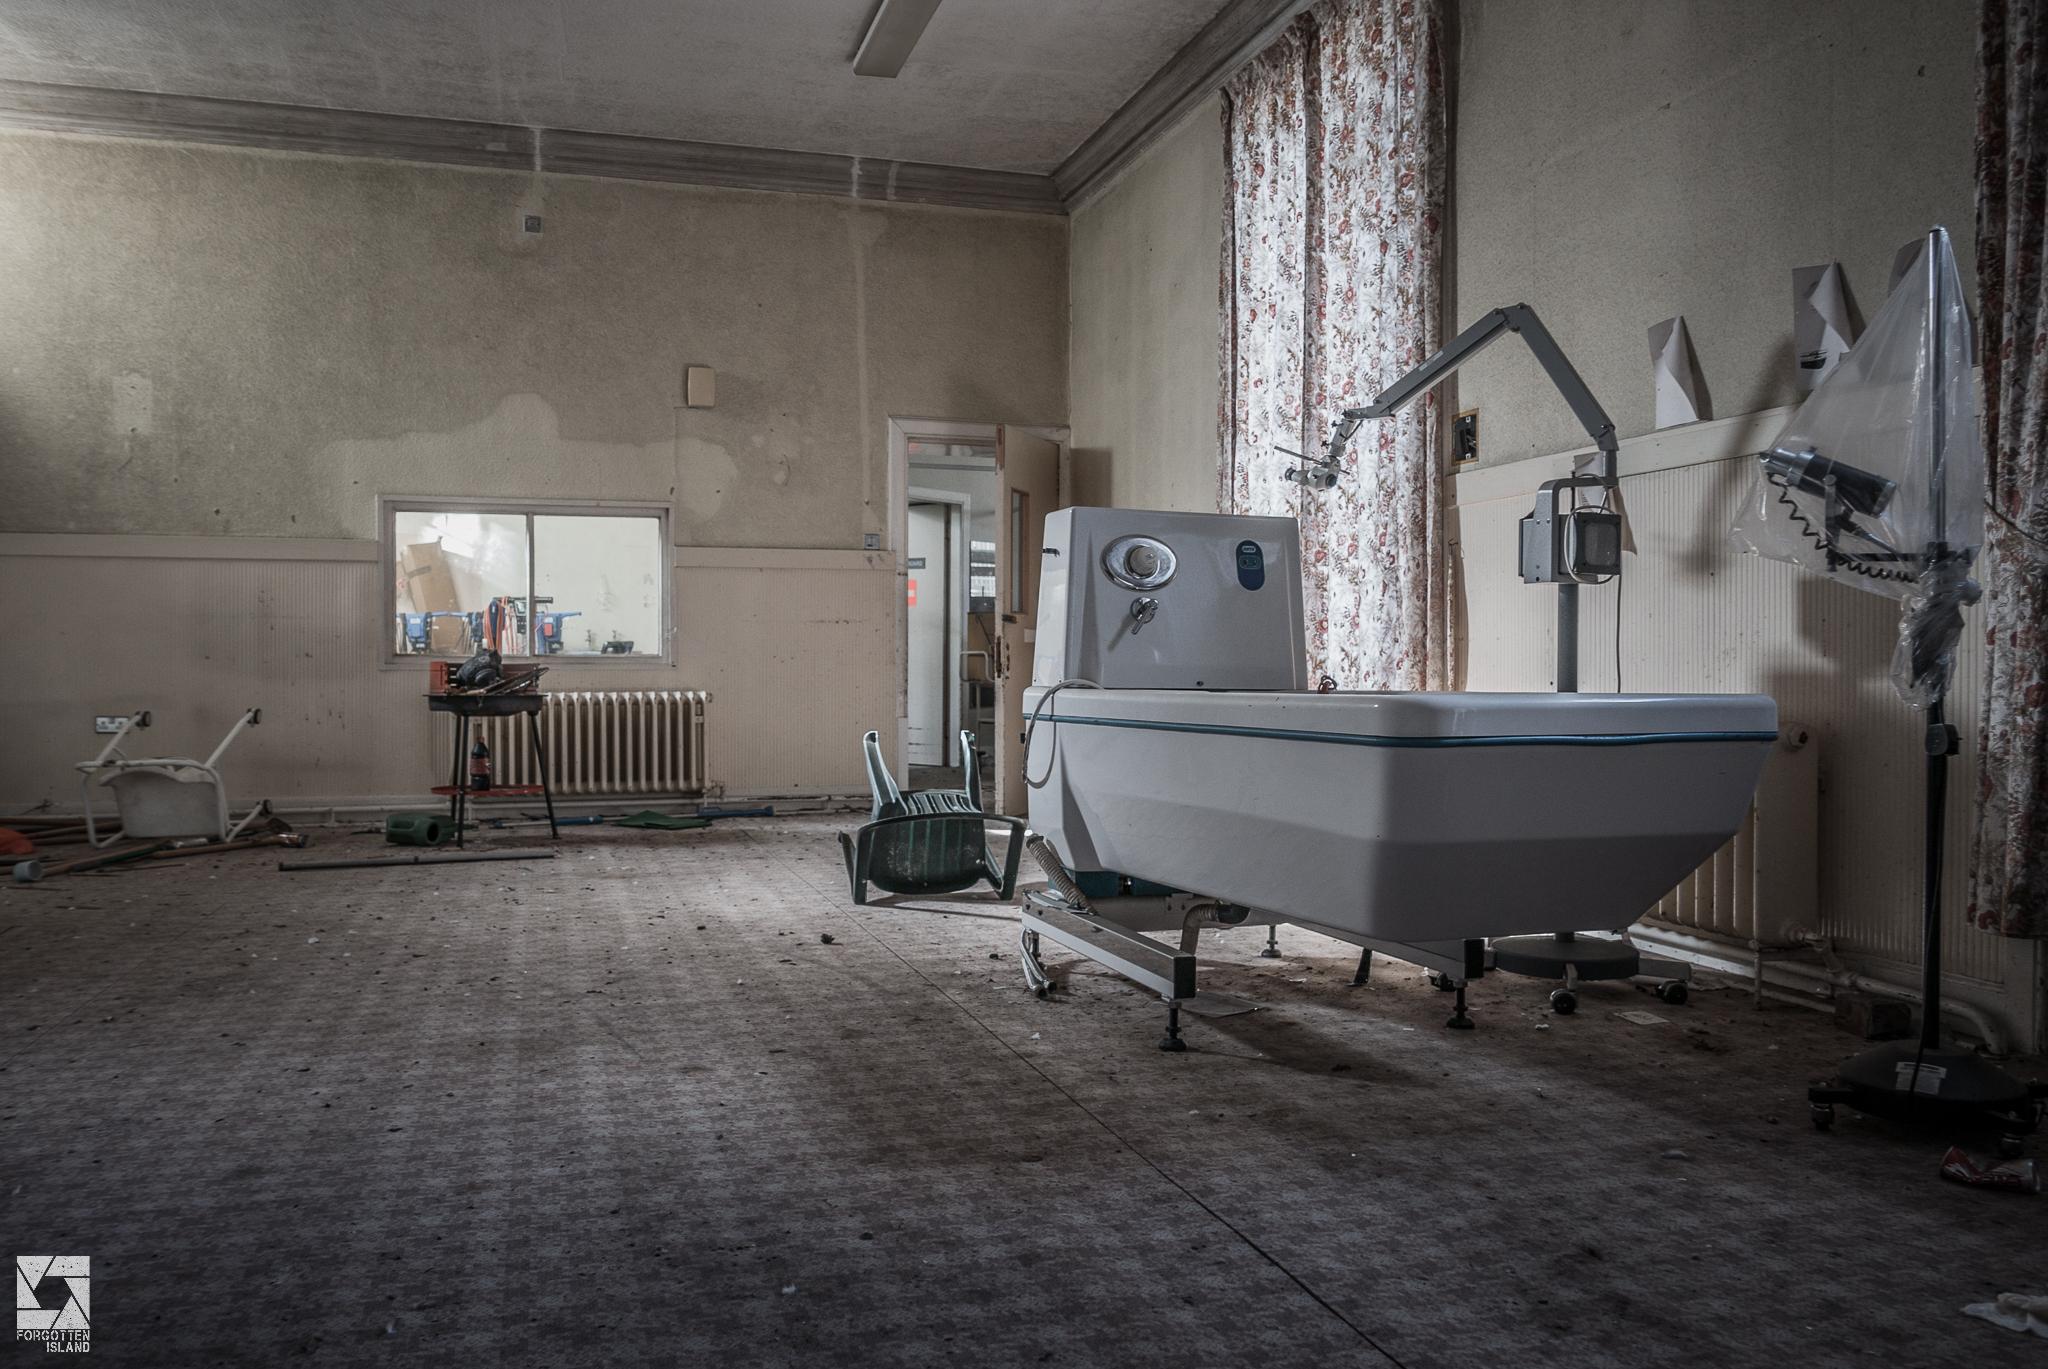 Stratheden Hospital